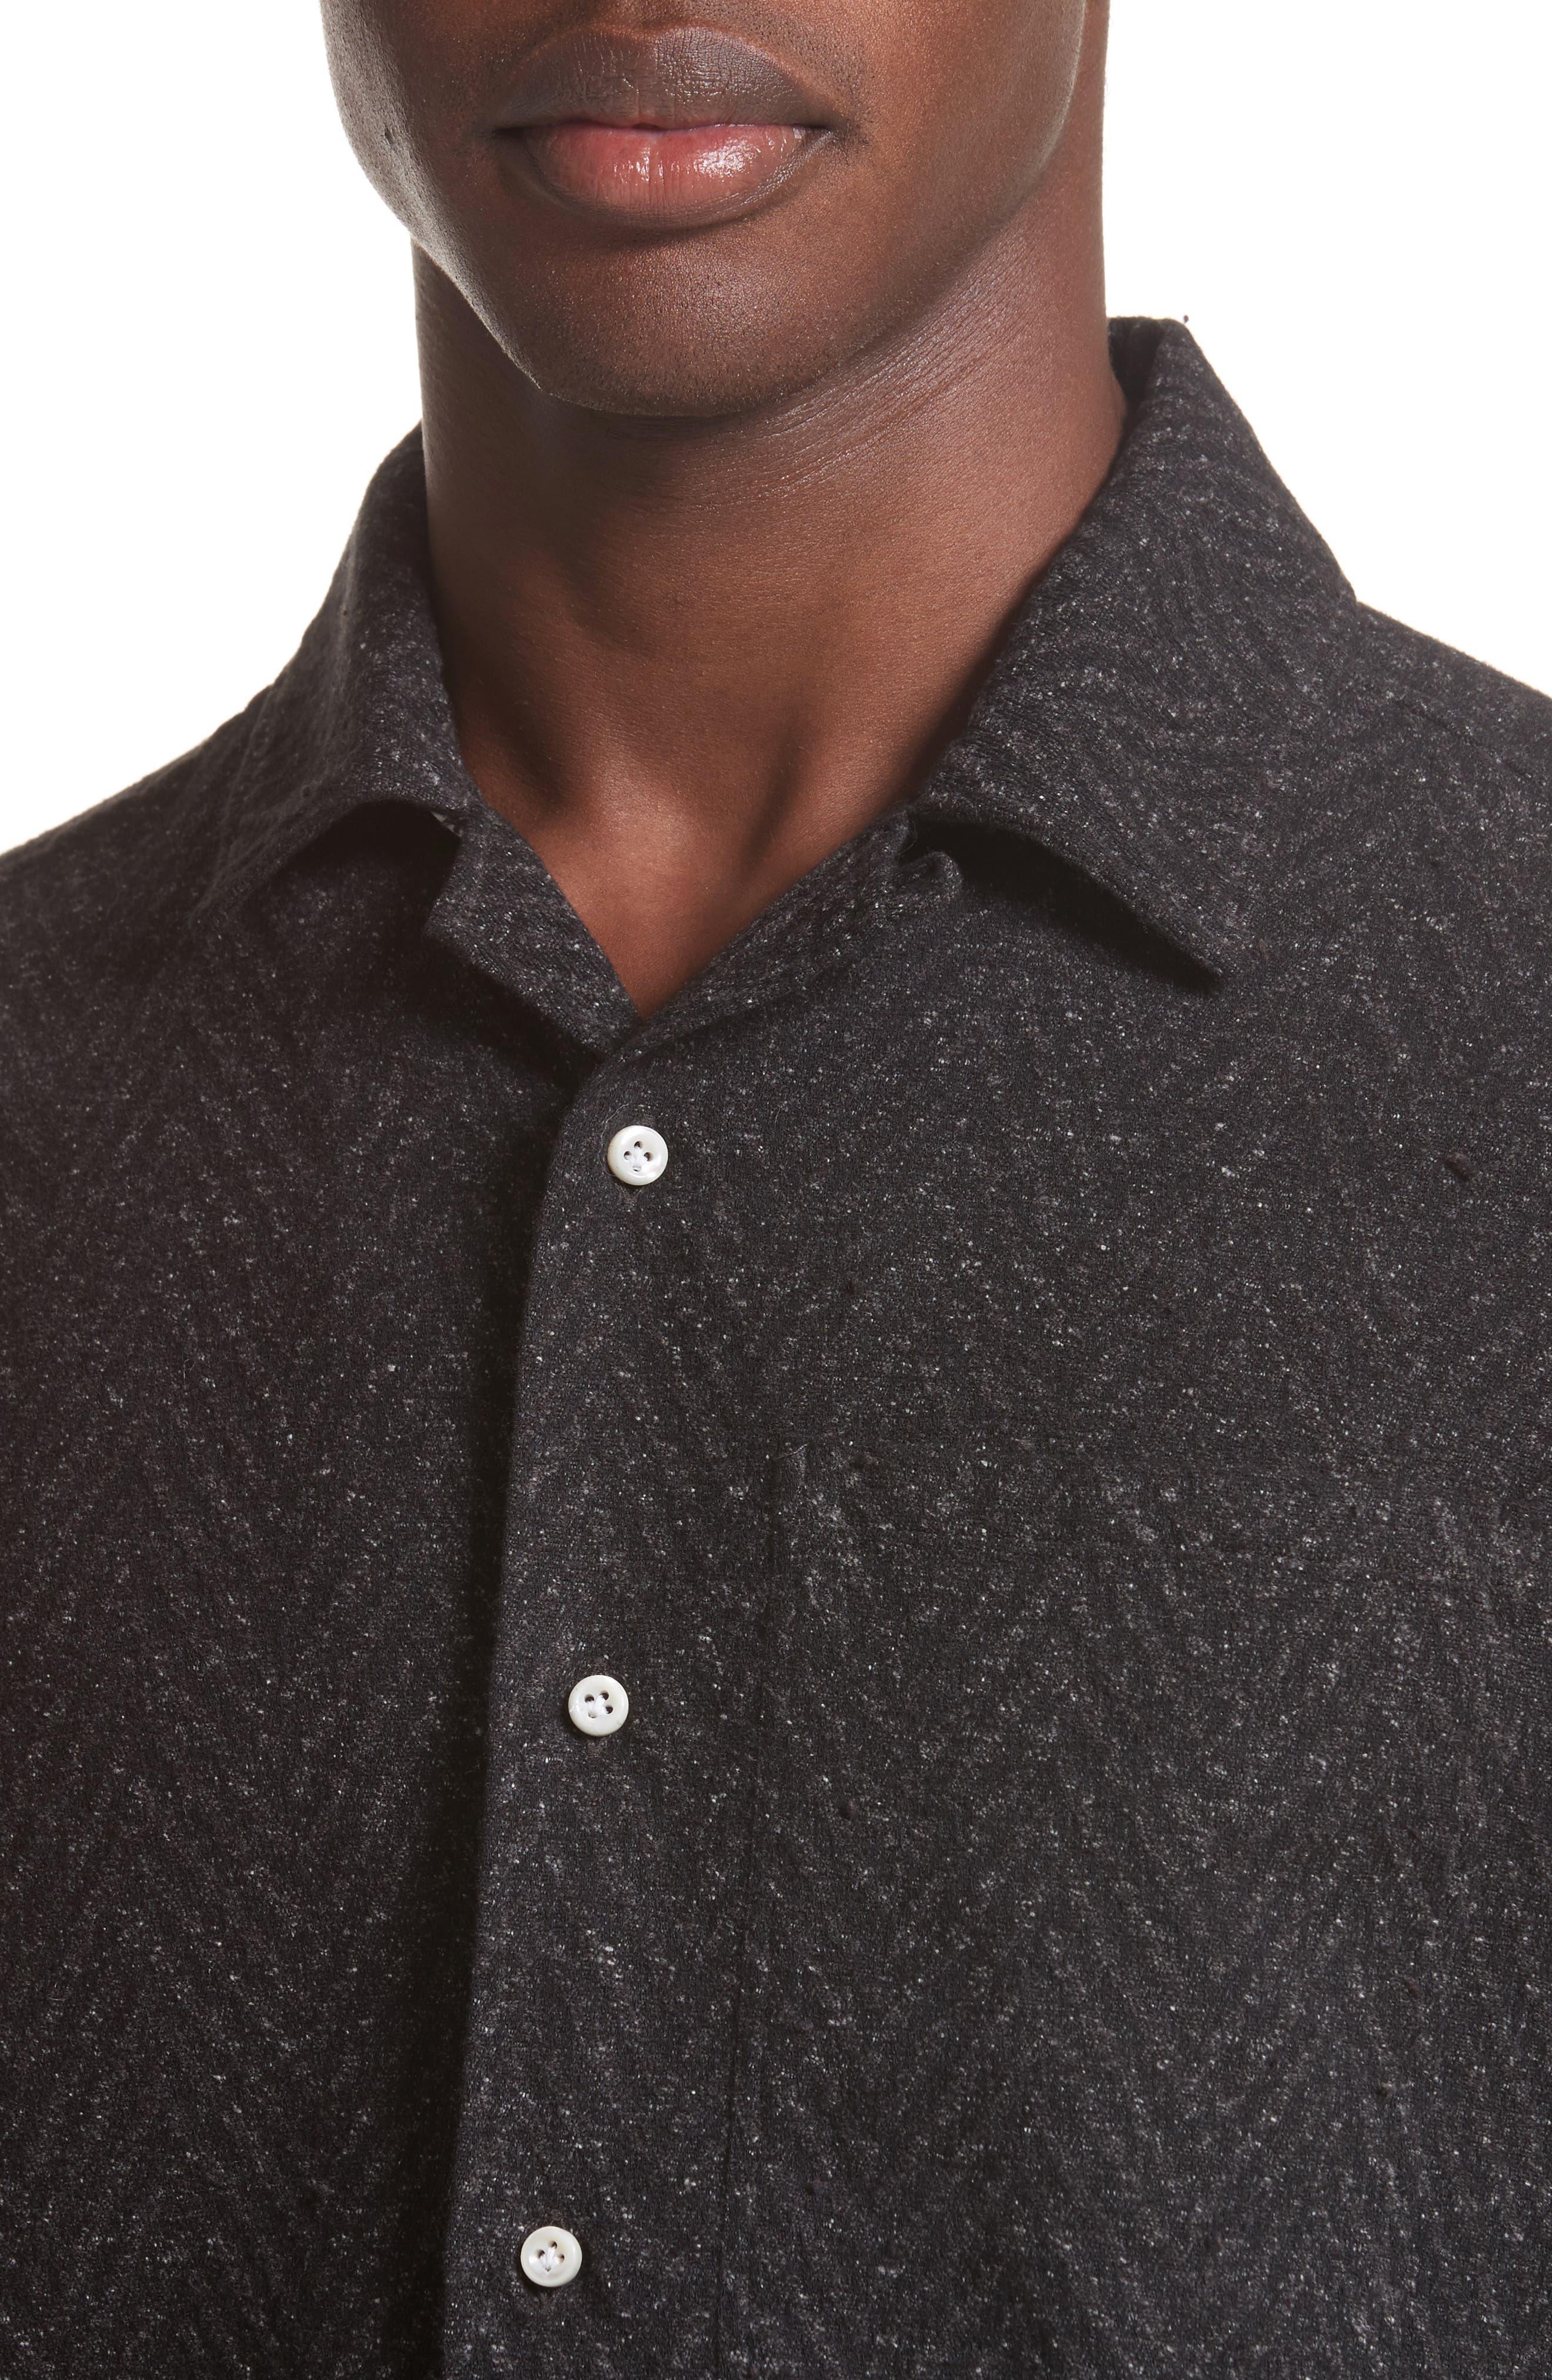 Napoli Herringbone Texture Shirt,                             Alternate thumbnail 4, color,                             062